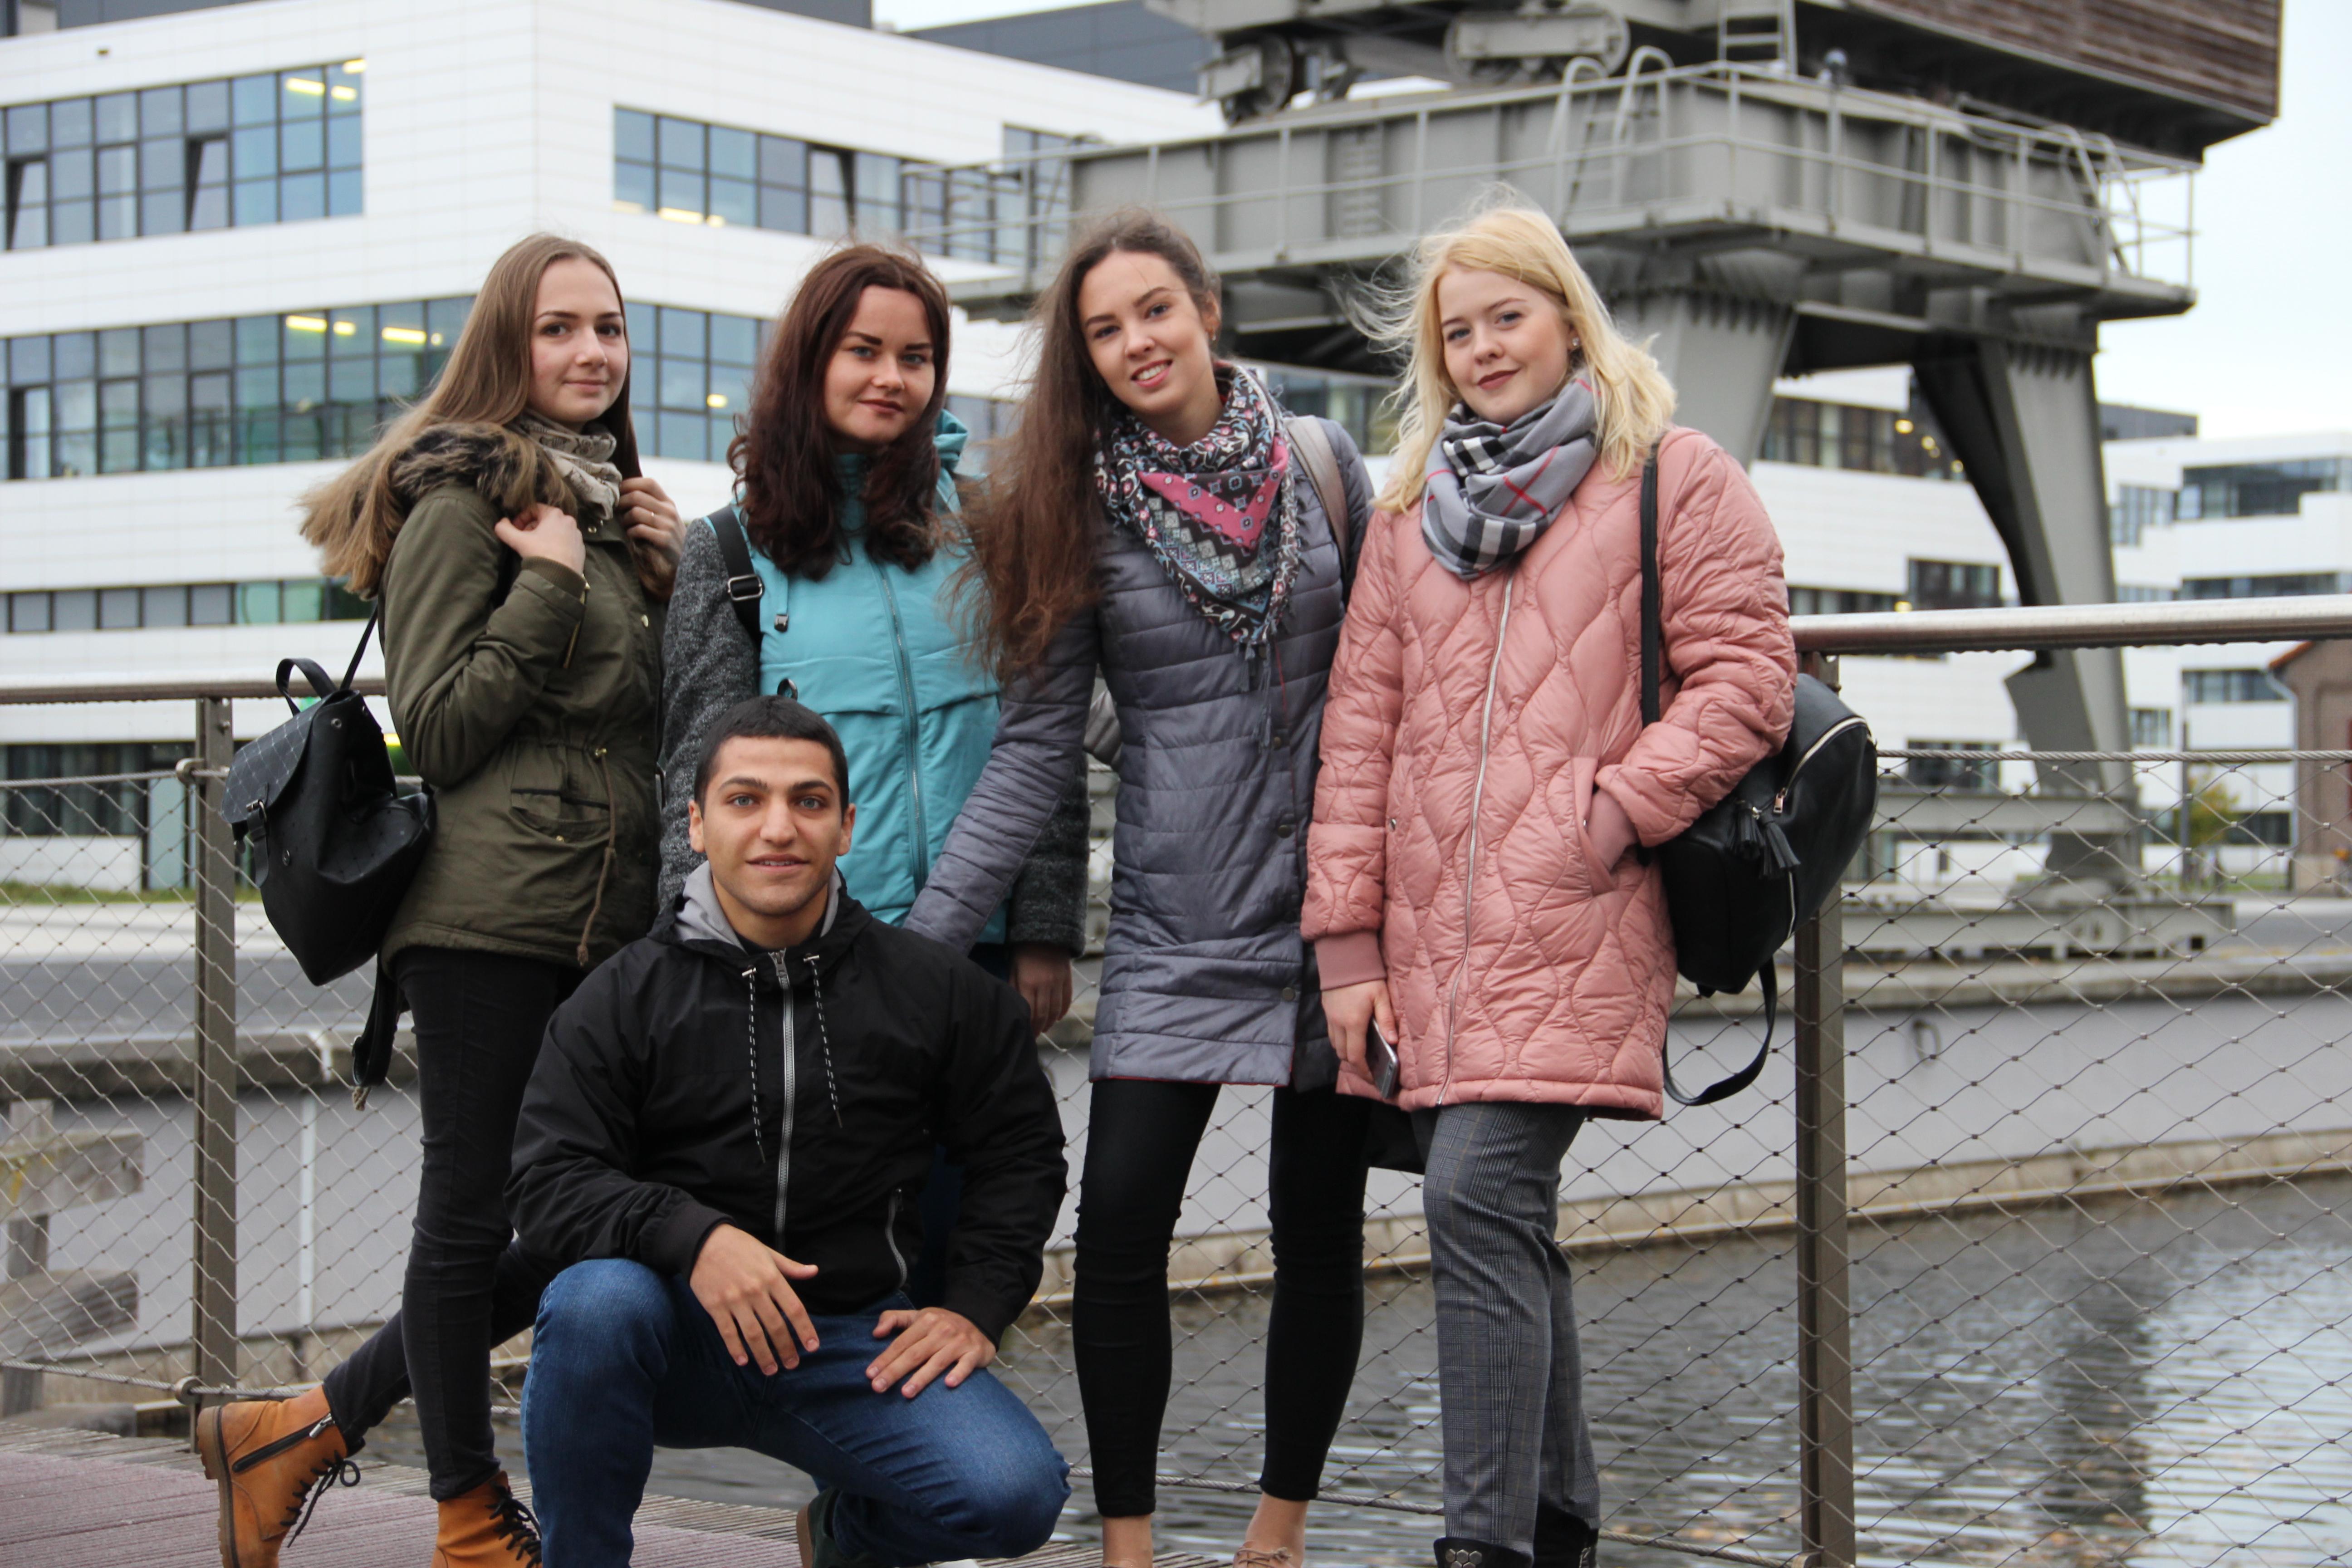 Студенты на фоне университета Рейн-Ваал, г. Клеве